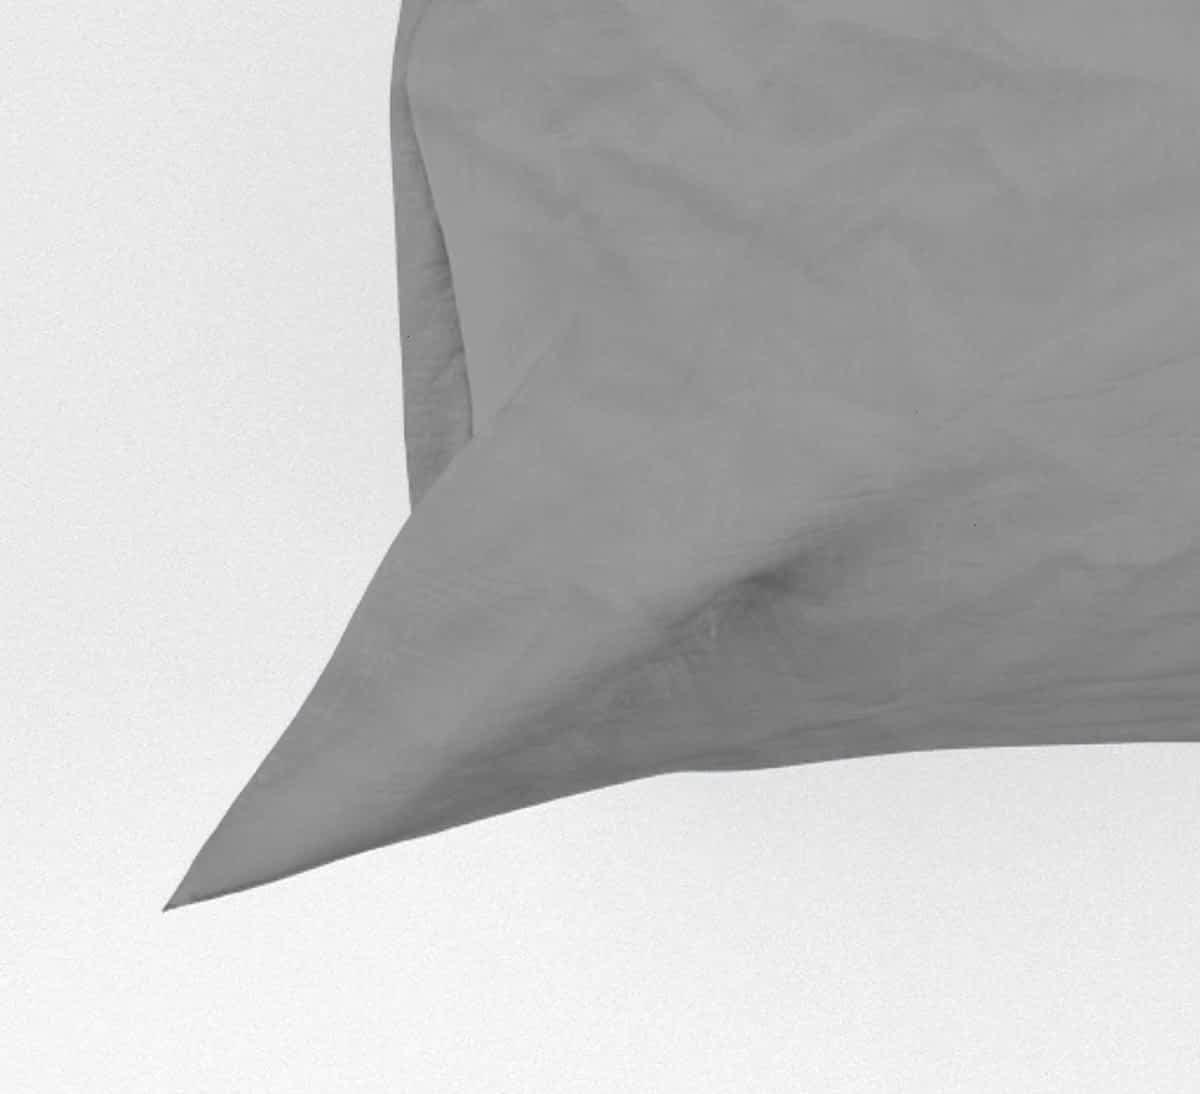 Μαξιλαροθήκη 50 Χ 70 + 0,17 βαμβακερή 100% μονόχρωμη Χ15